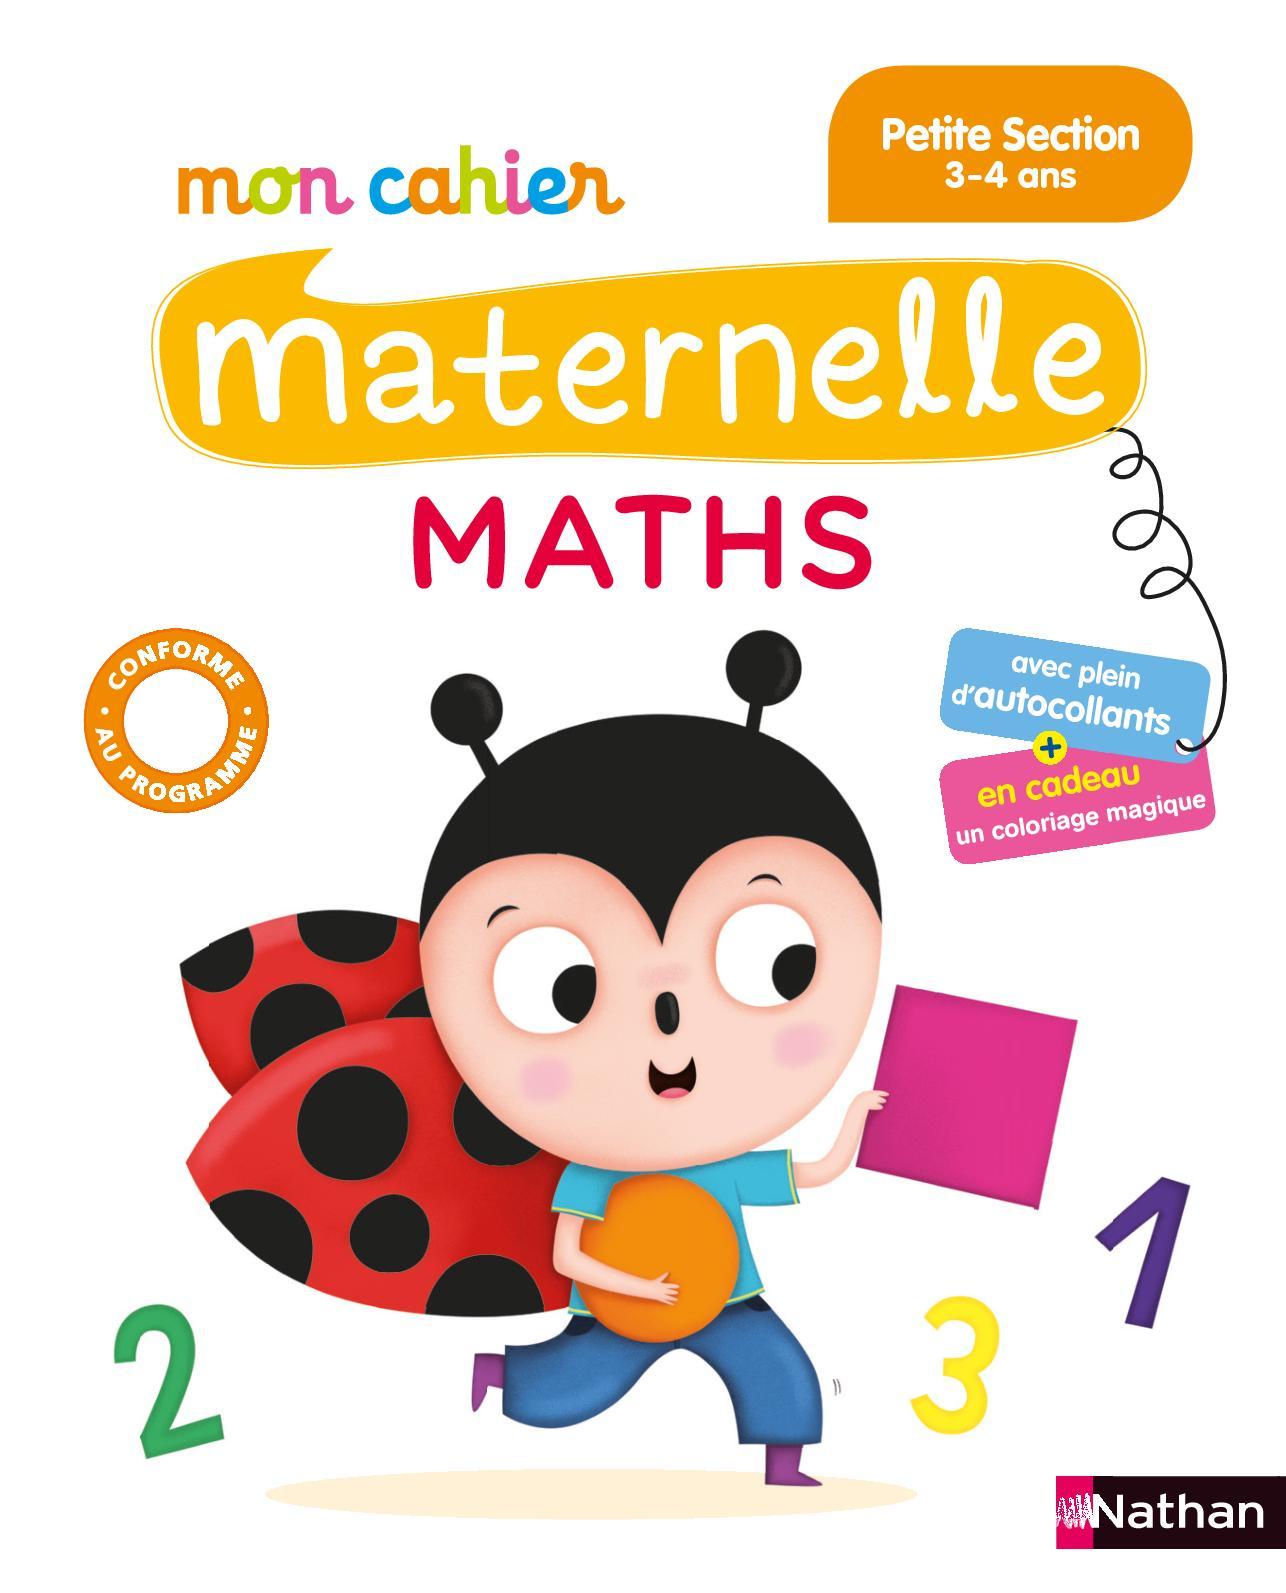 Calaméo - Mon Cahier Maternelle Maths - Petite Section - Extrait à Coloriage Magique Petite Section